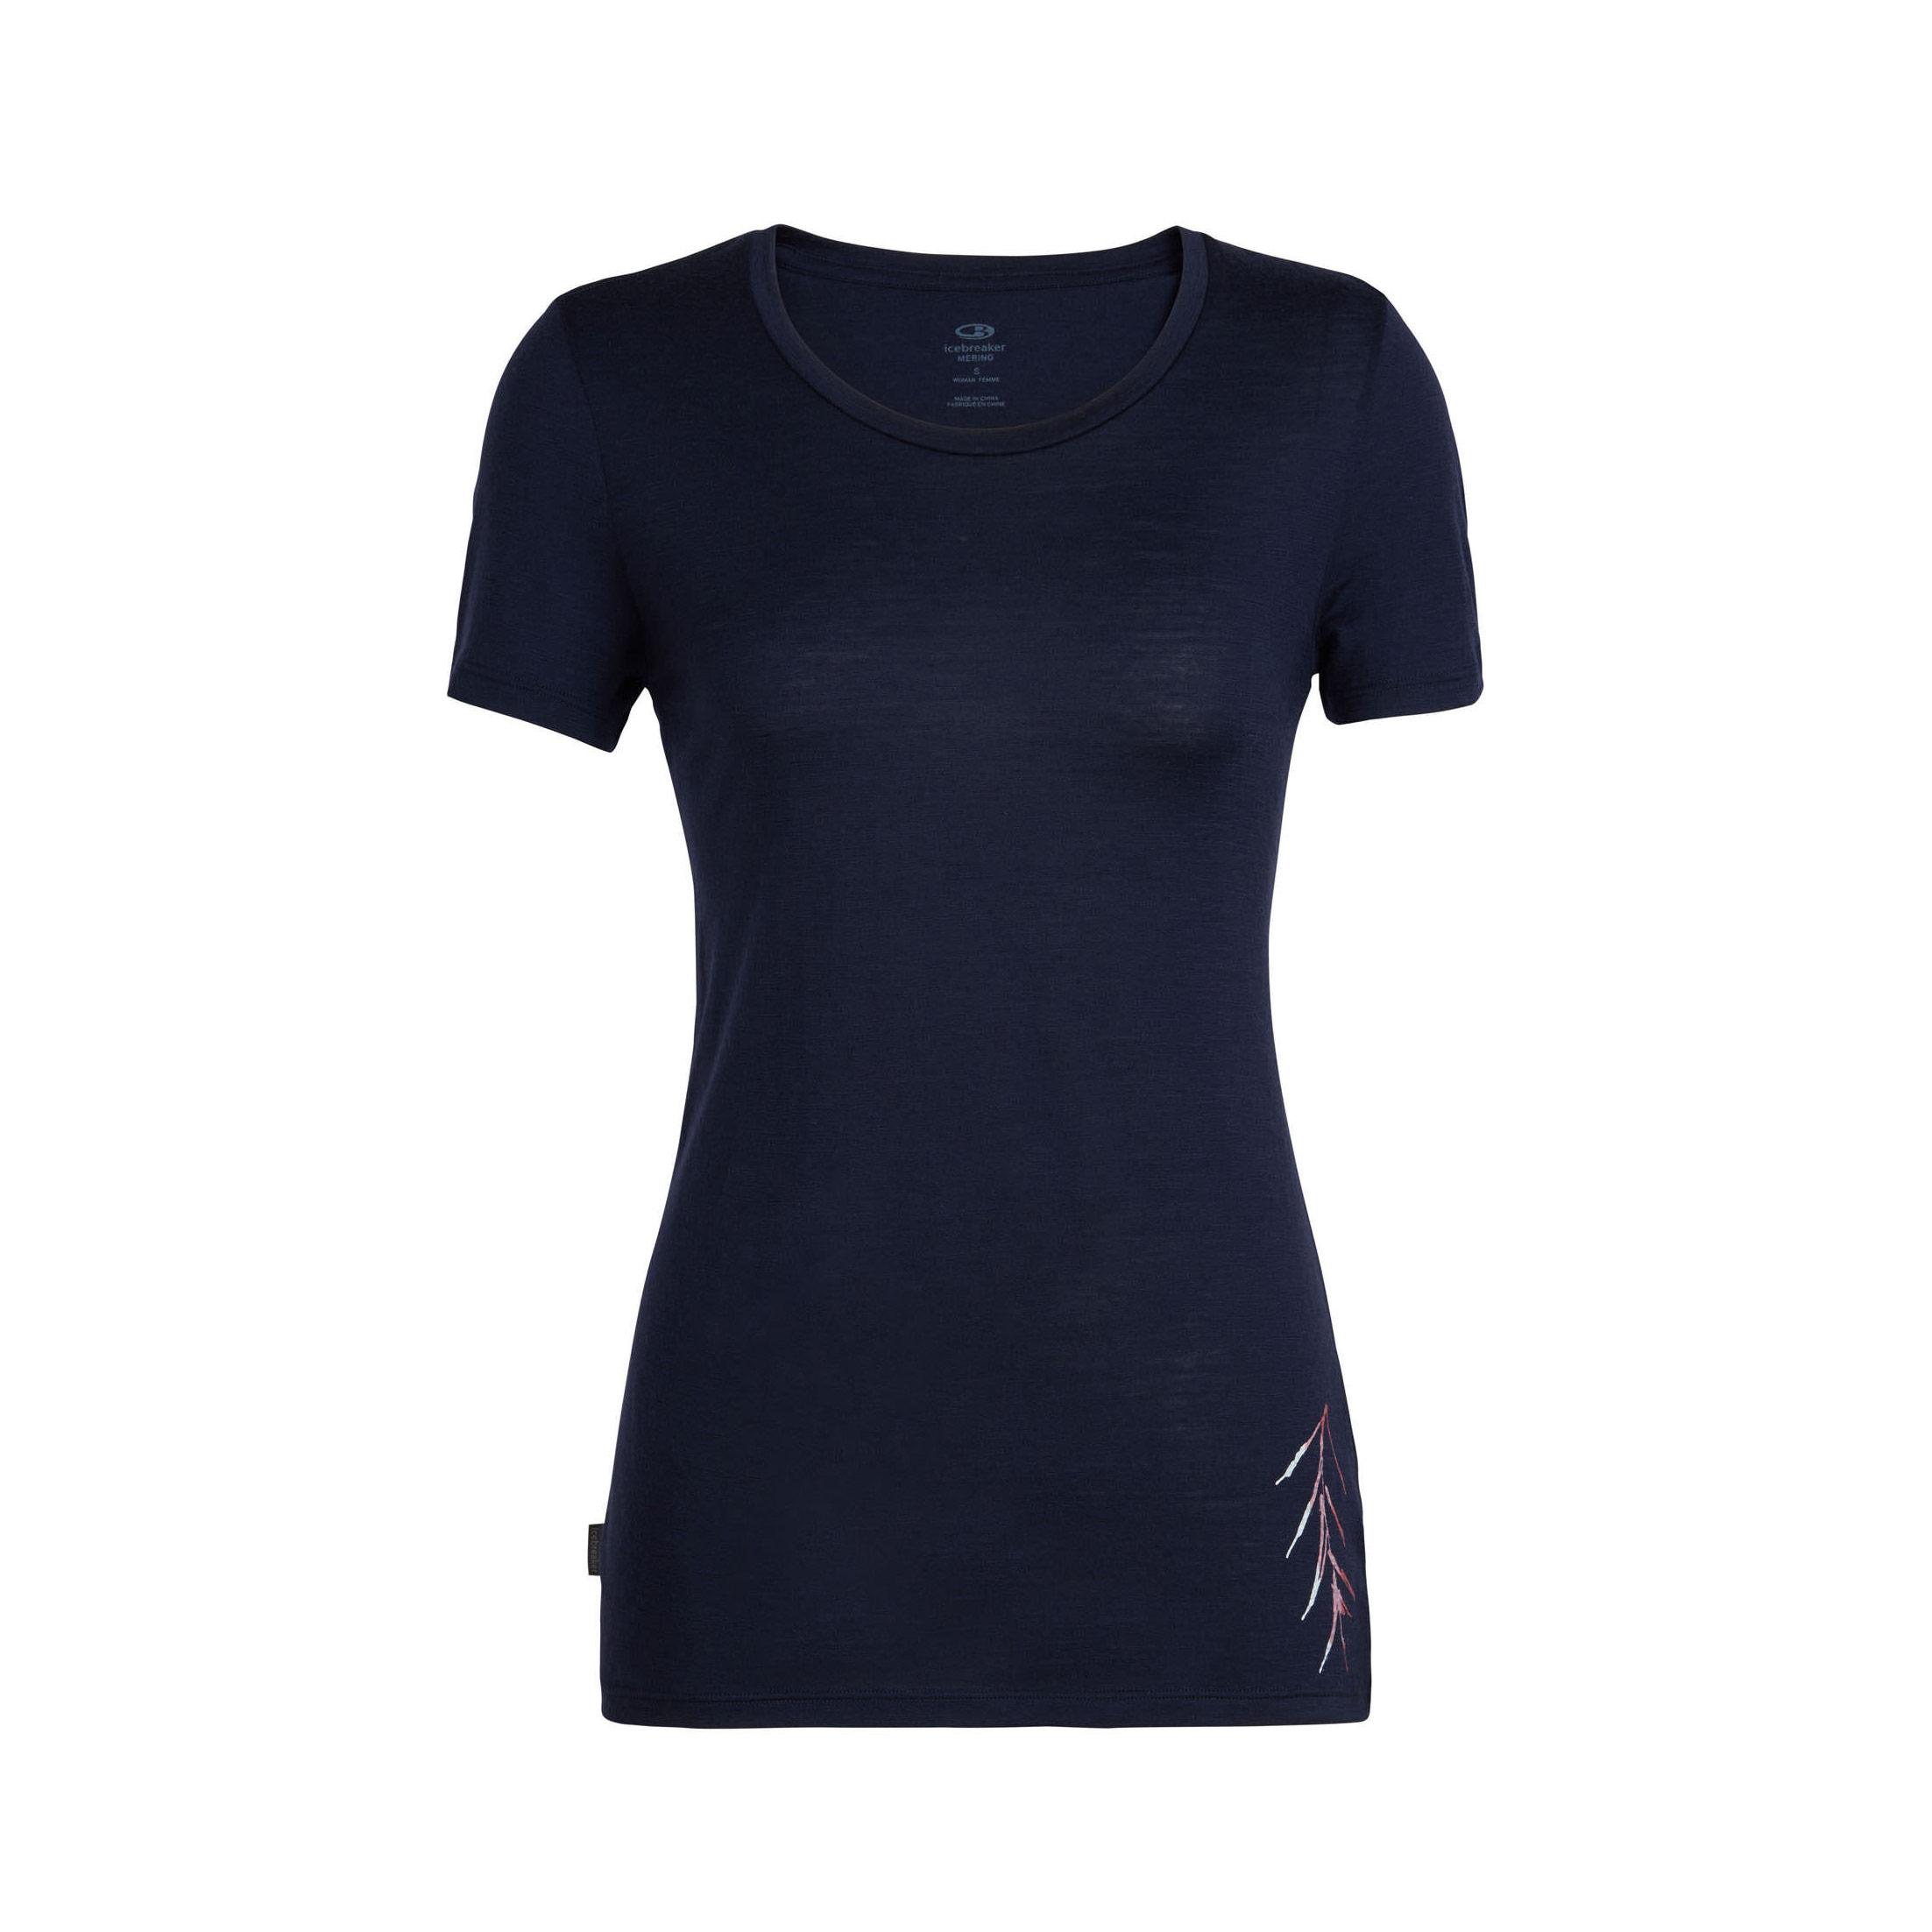 Panax Tech Lite Low Crewe Short Sleeve - Women's